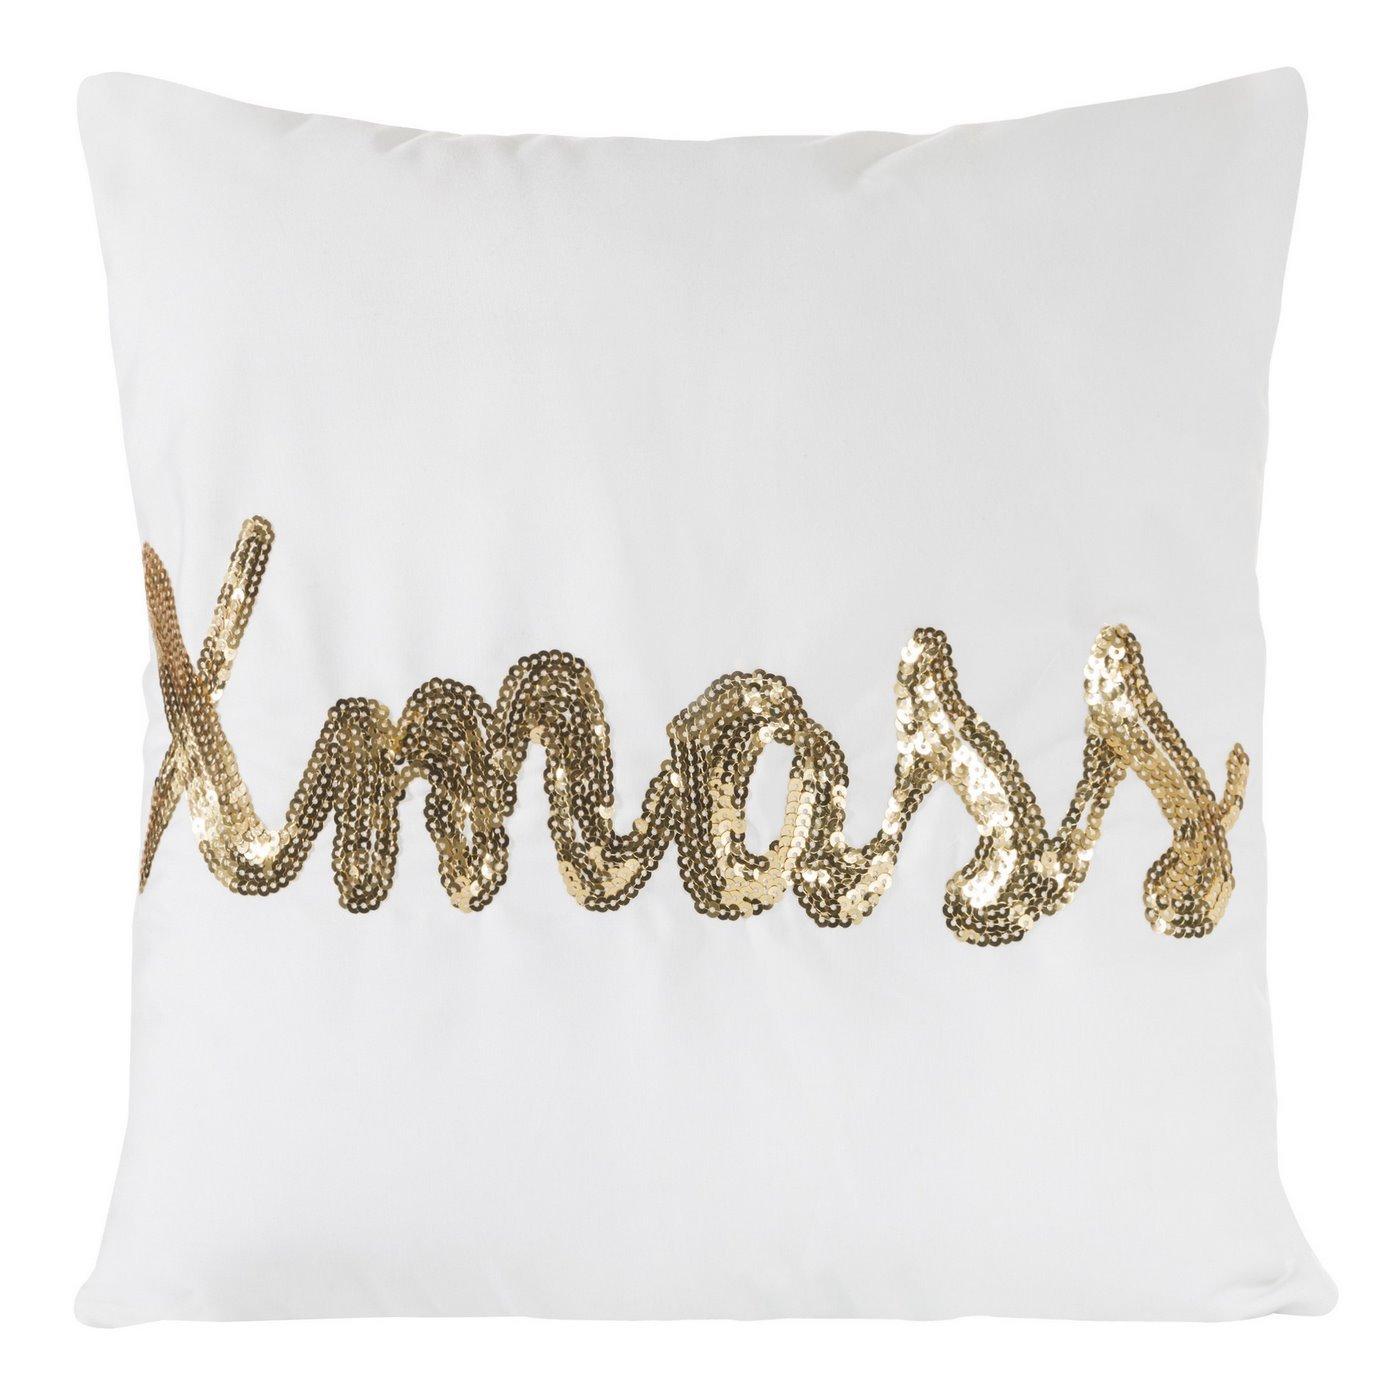 Poszewka na poduszkę 40 x 40 cm x mass biało złota